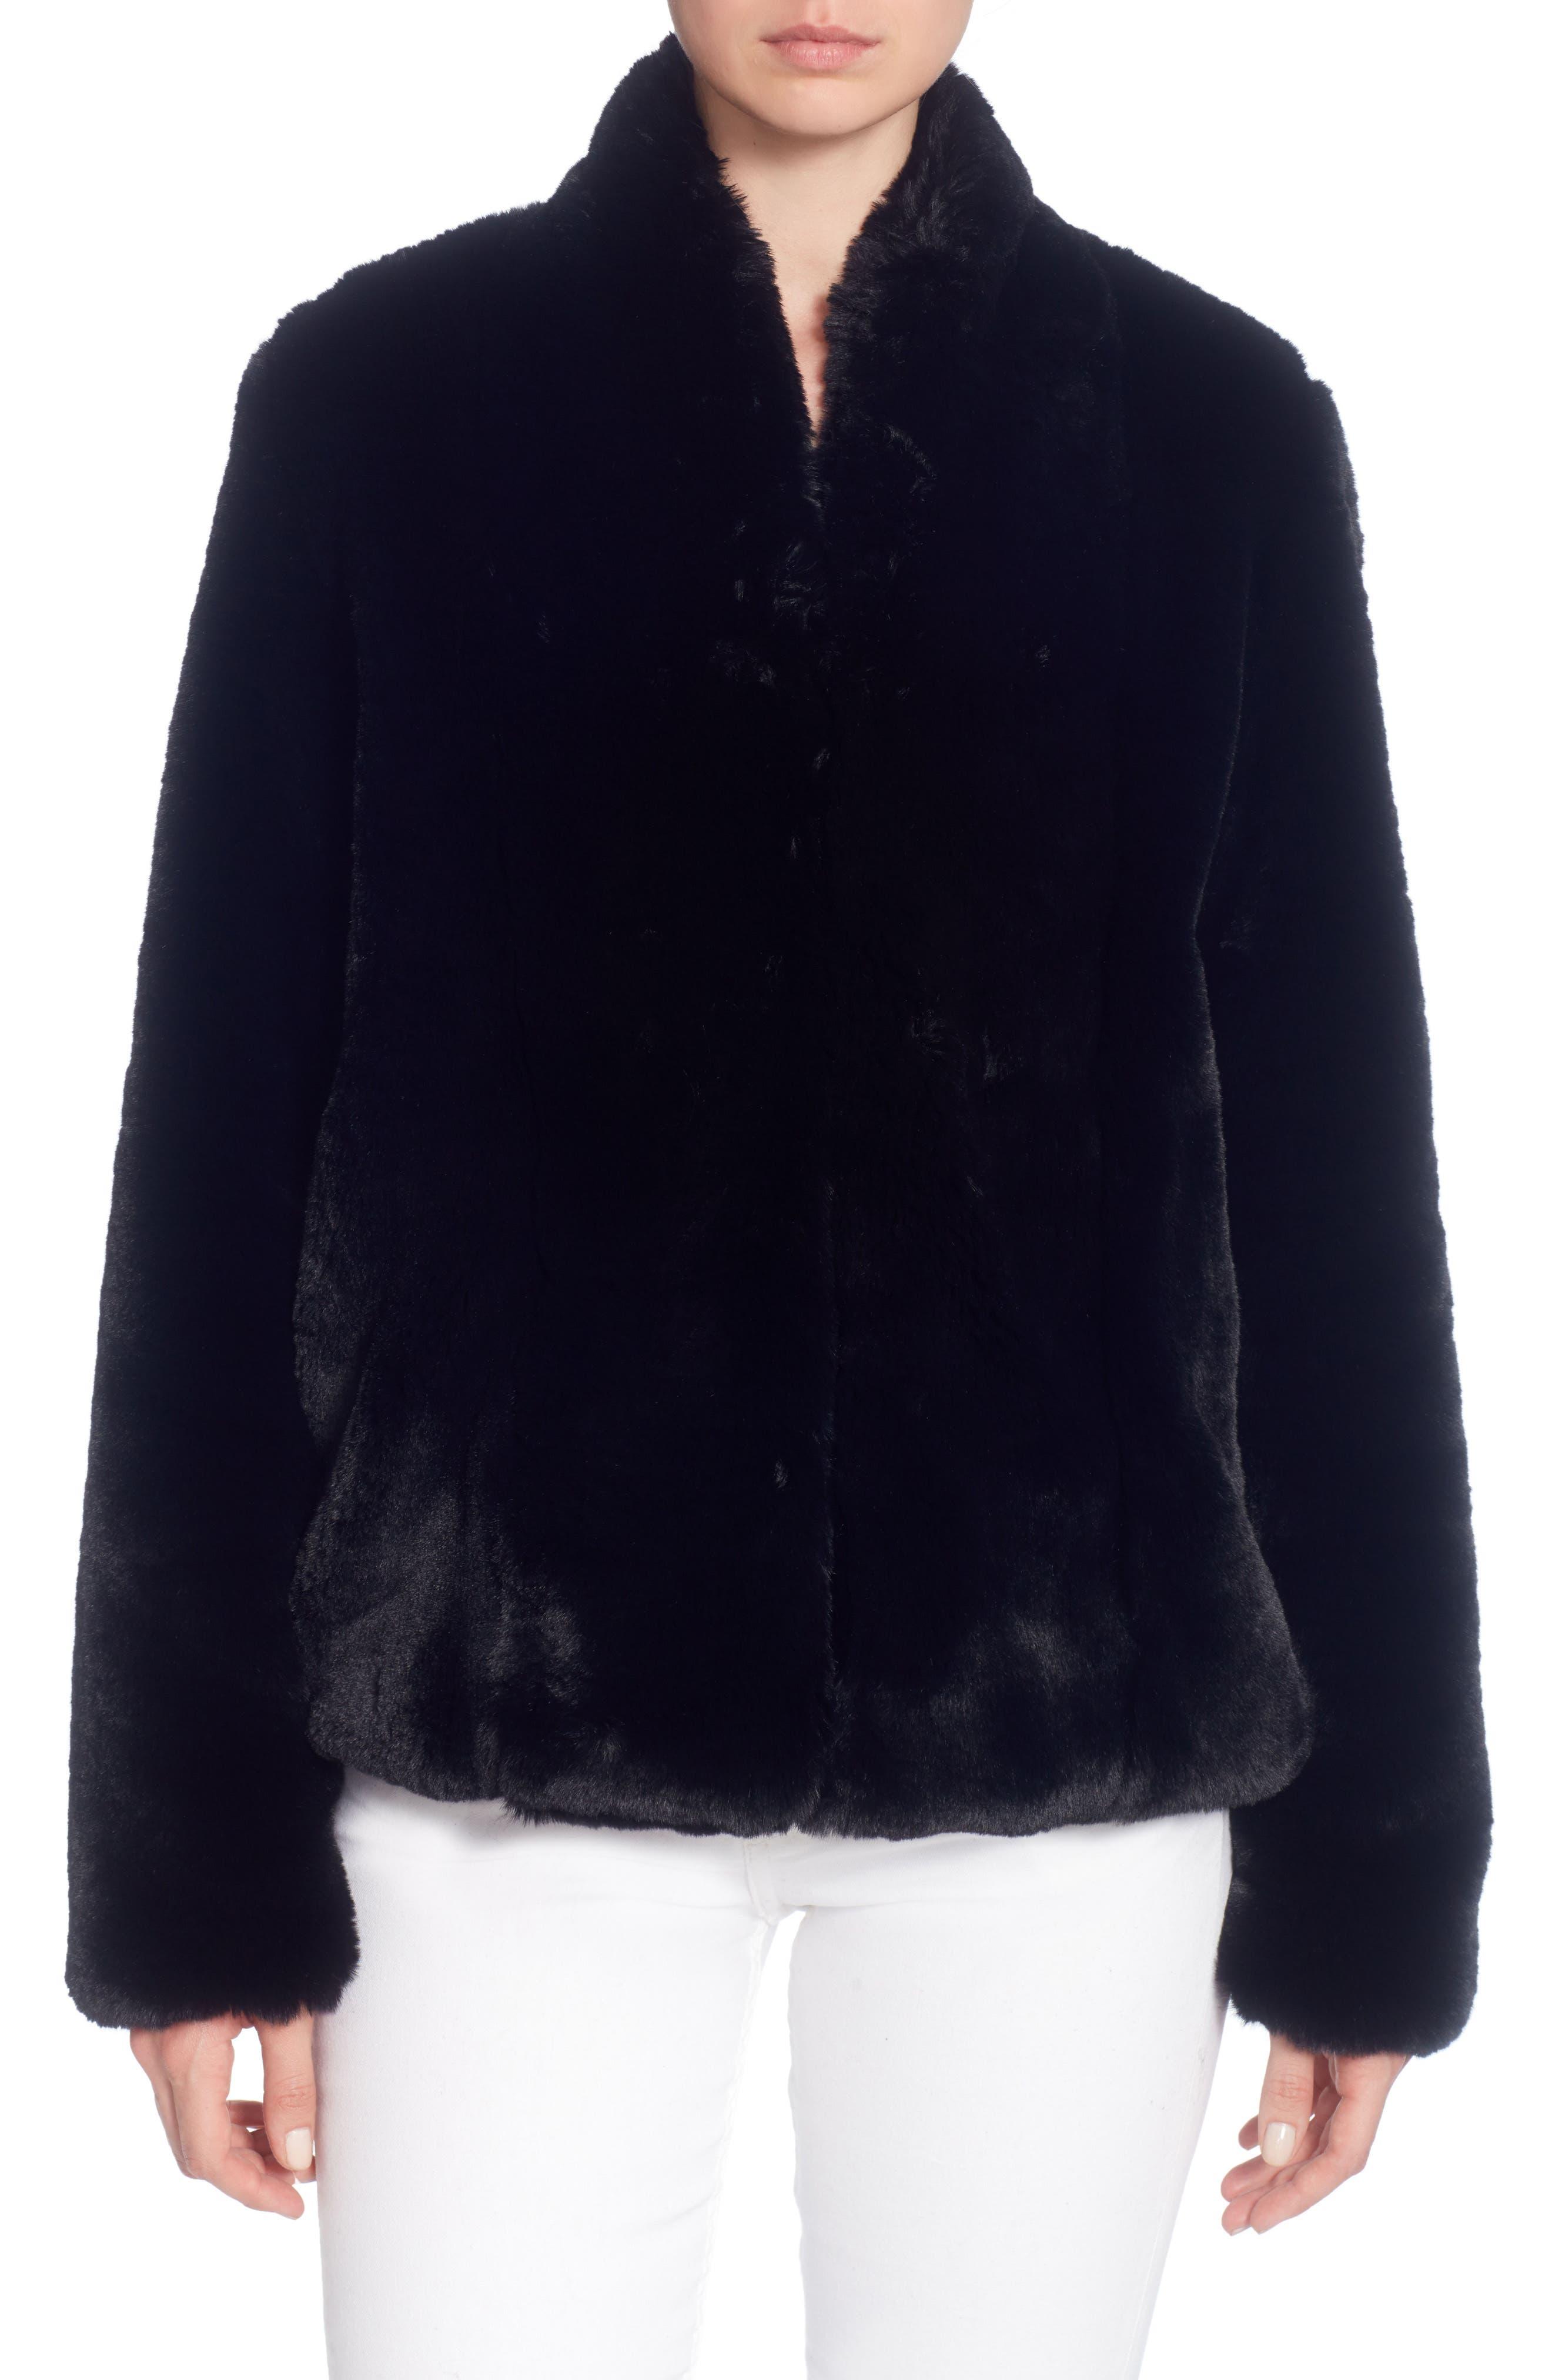 Faux Fur Jacket,                             Main thumbnail 1, color,                             001